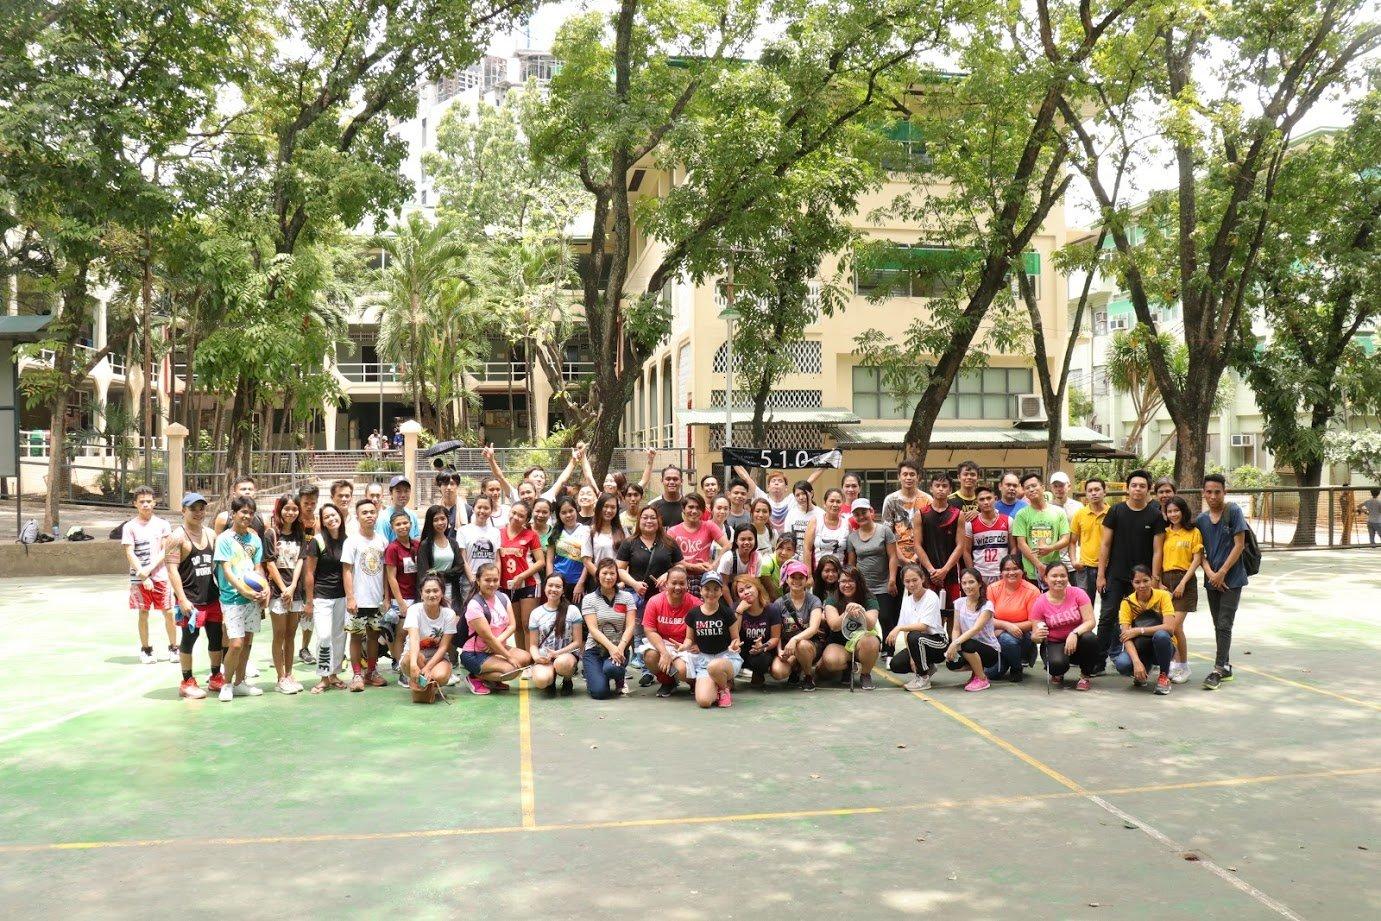 Нилс сургуулийн багш болон оюутан хариуцсан менежерүүдийн хөгжилтэй спортлог өдөр